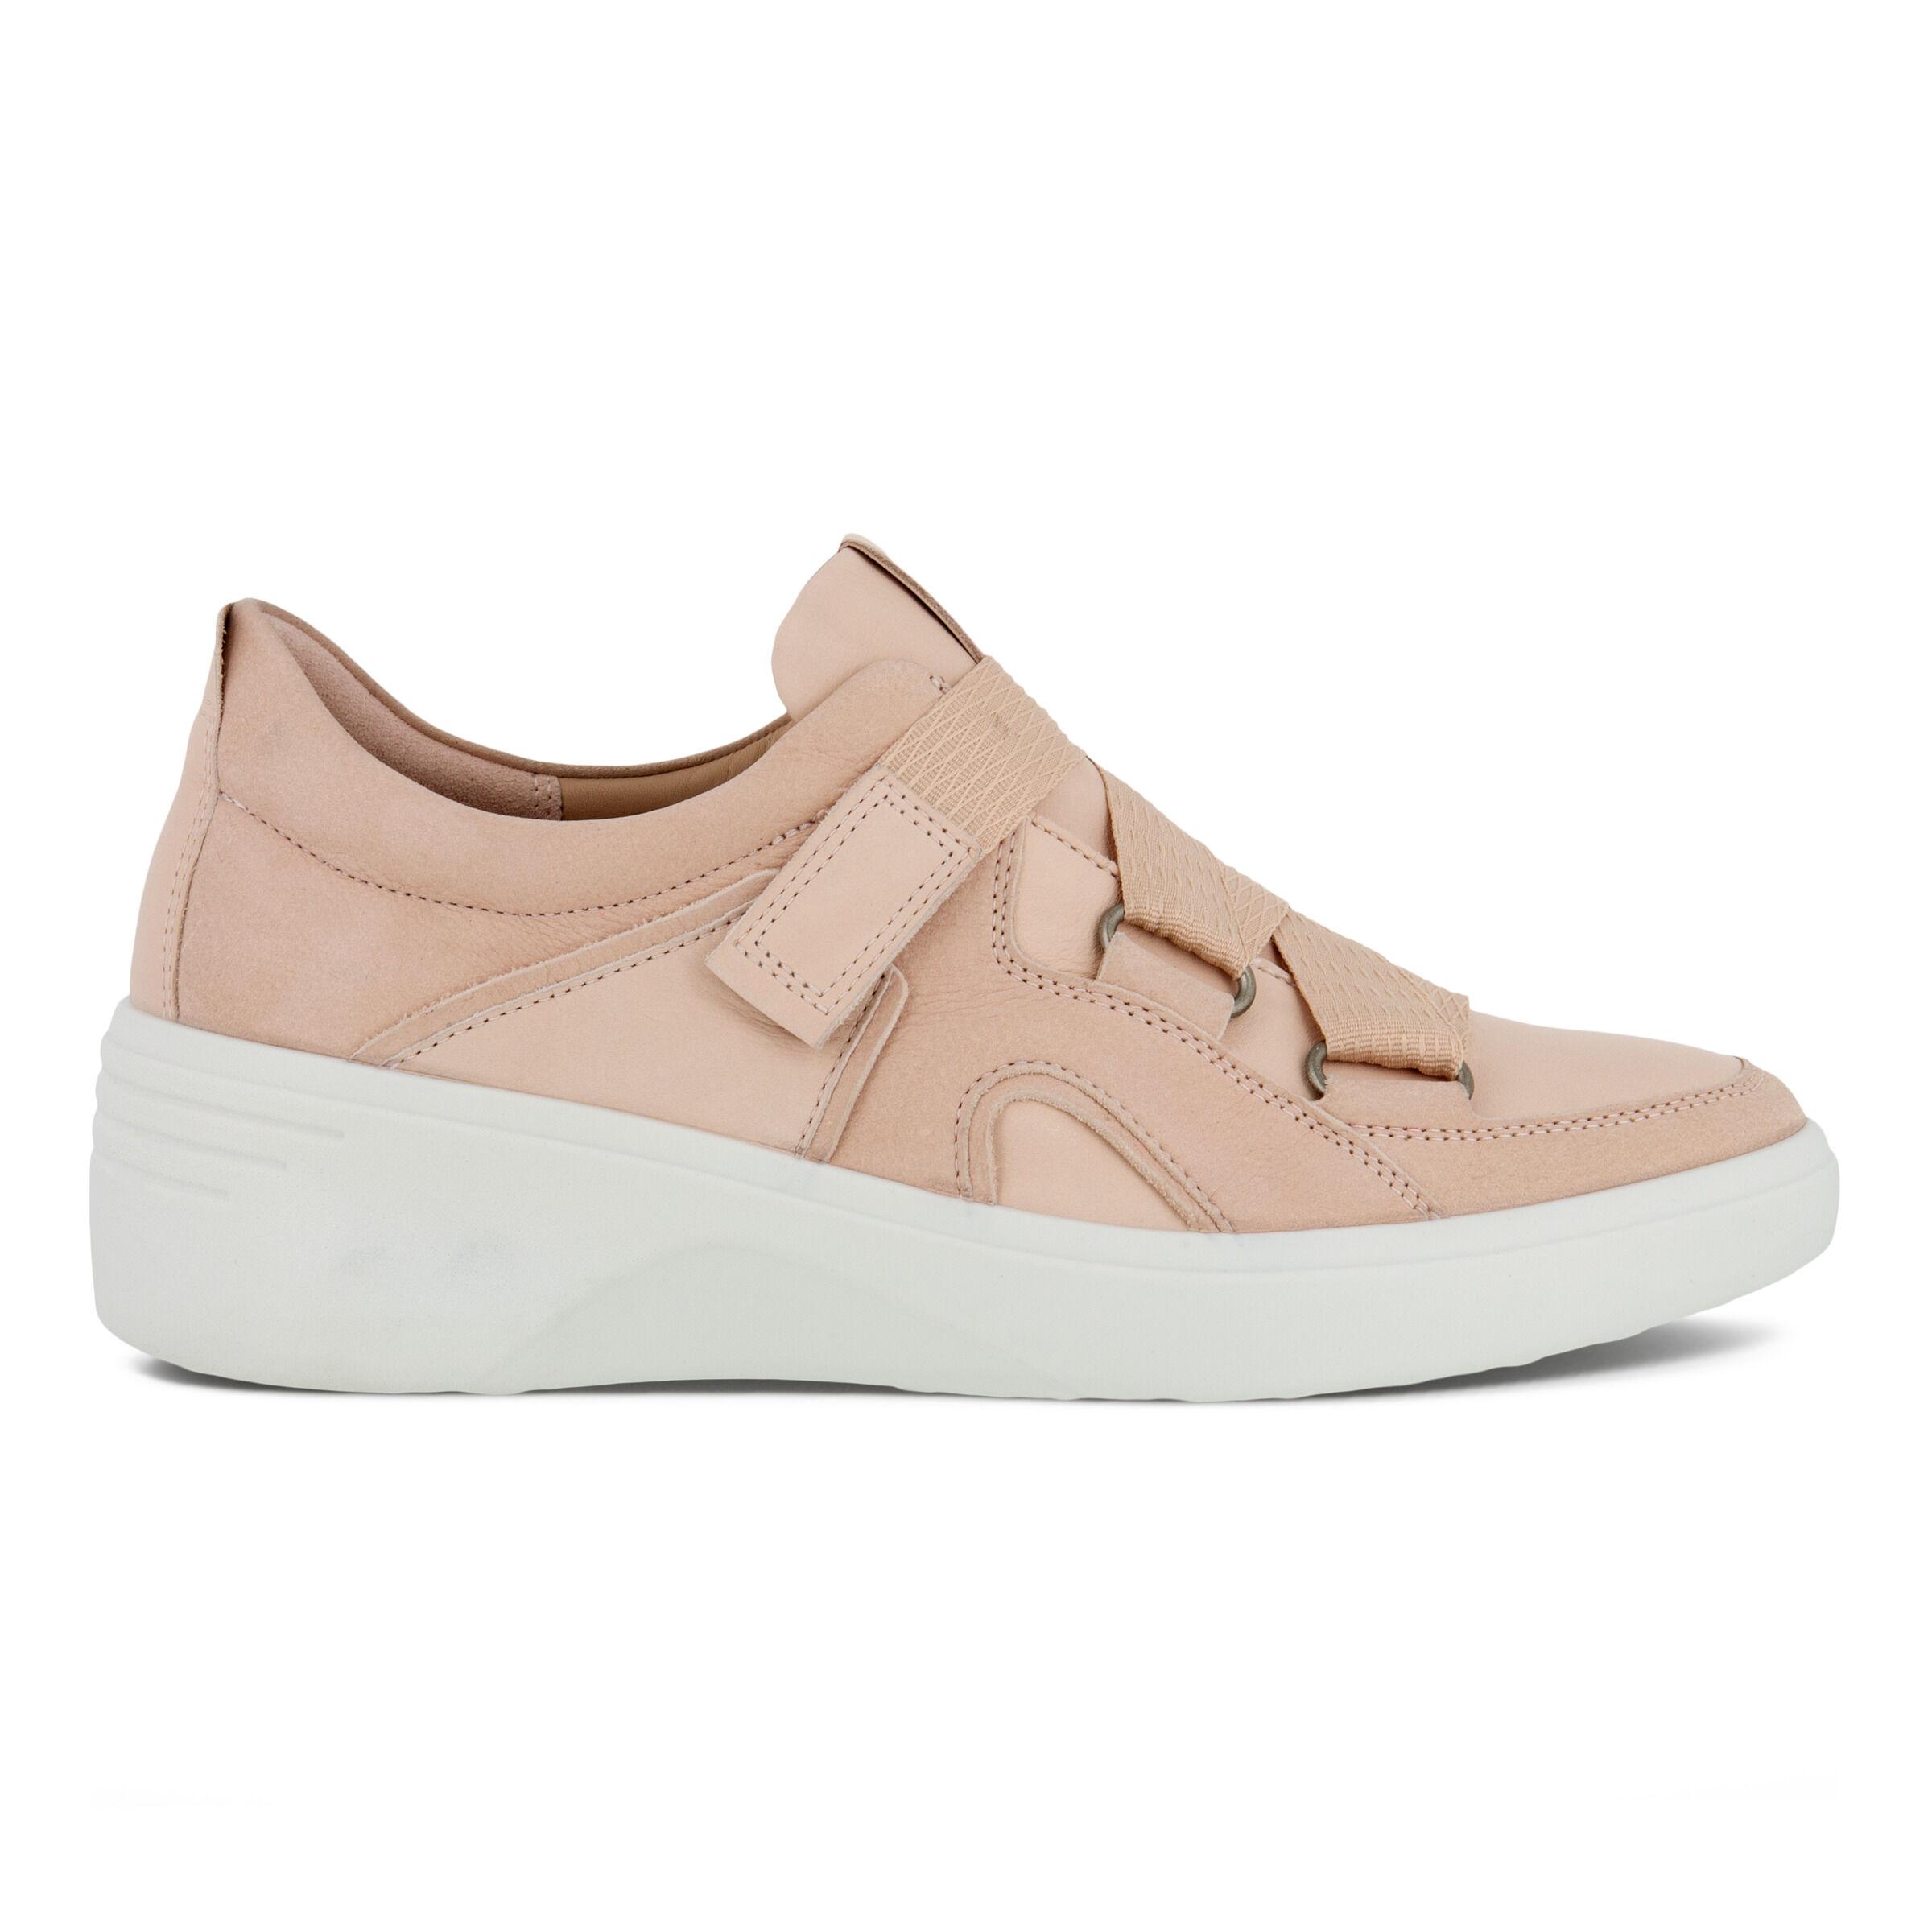 Women's New Arrivals Shoes | ECCO® Shoes